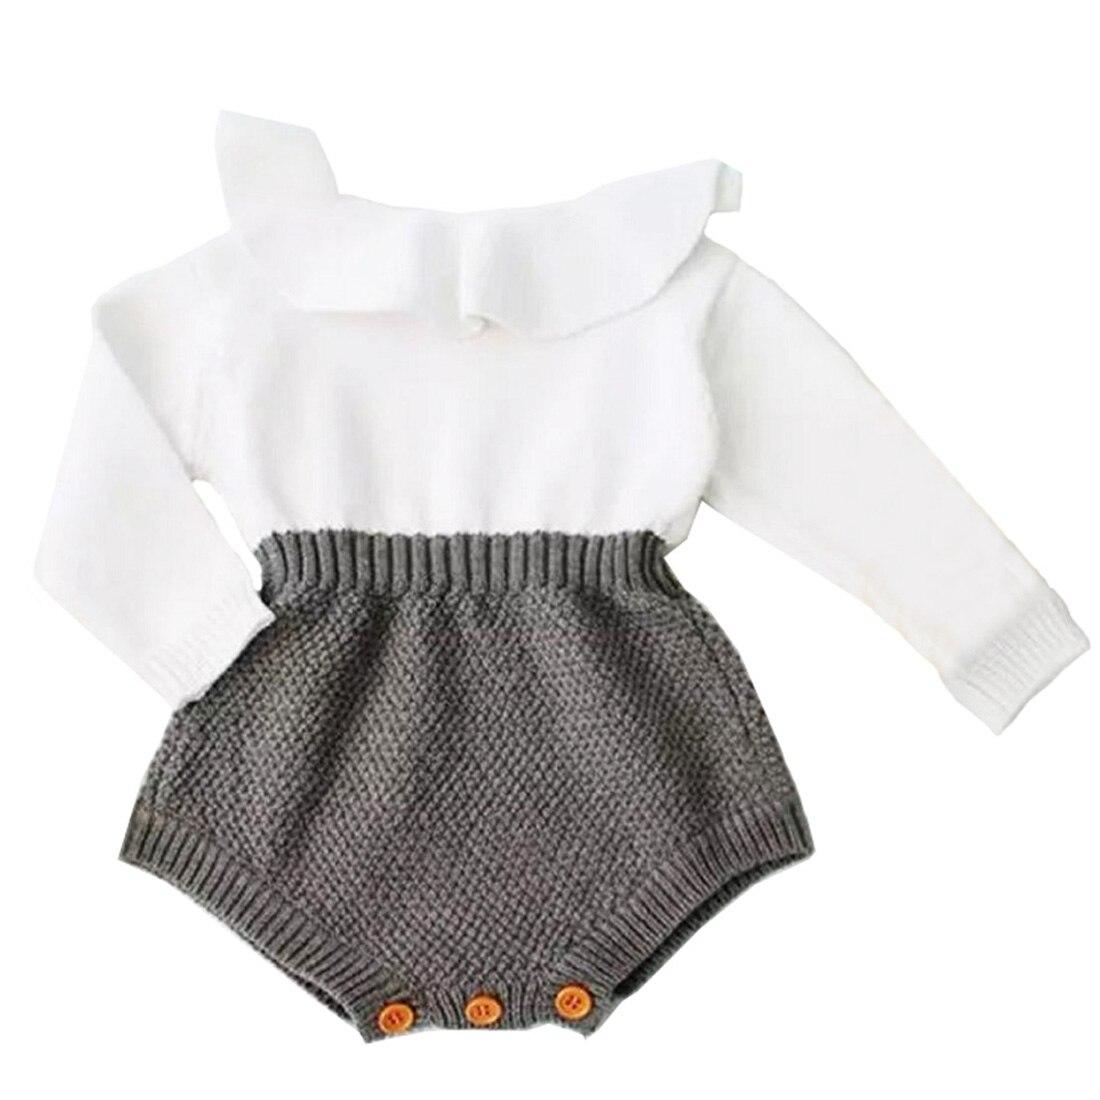 Neugeborenes Baby Kleidung Strampler Wolle Stricken Tops Langarm Strampler Warme Outfits Kleidung Baby Mädchen